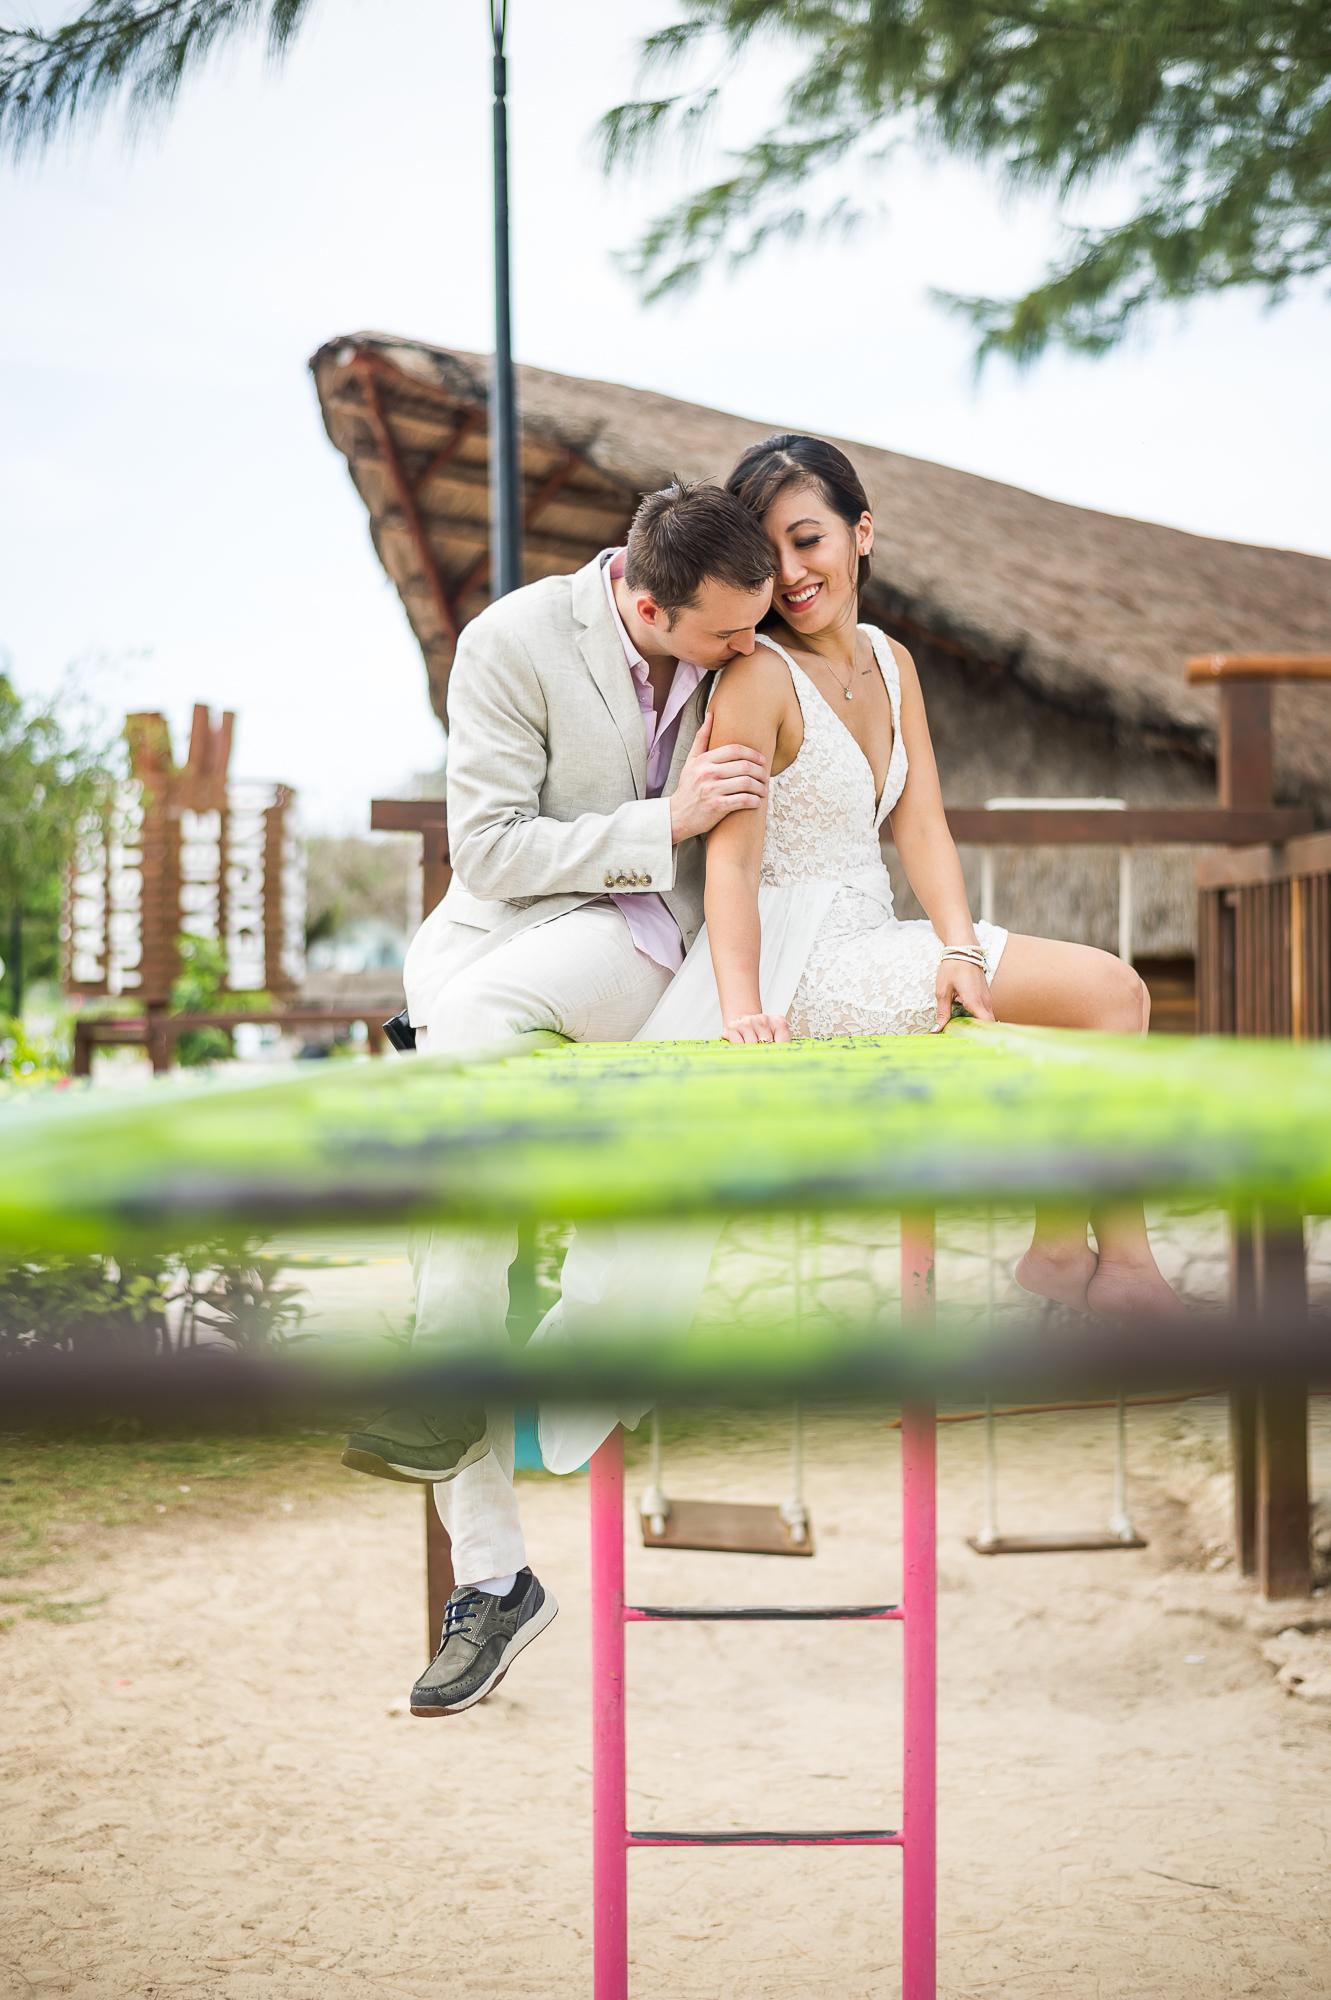 27-David Loi Studios - Cancun Mexico Engagement Session - Destination Engagement Session-24950.jpg